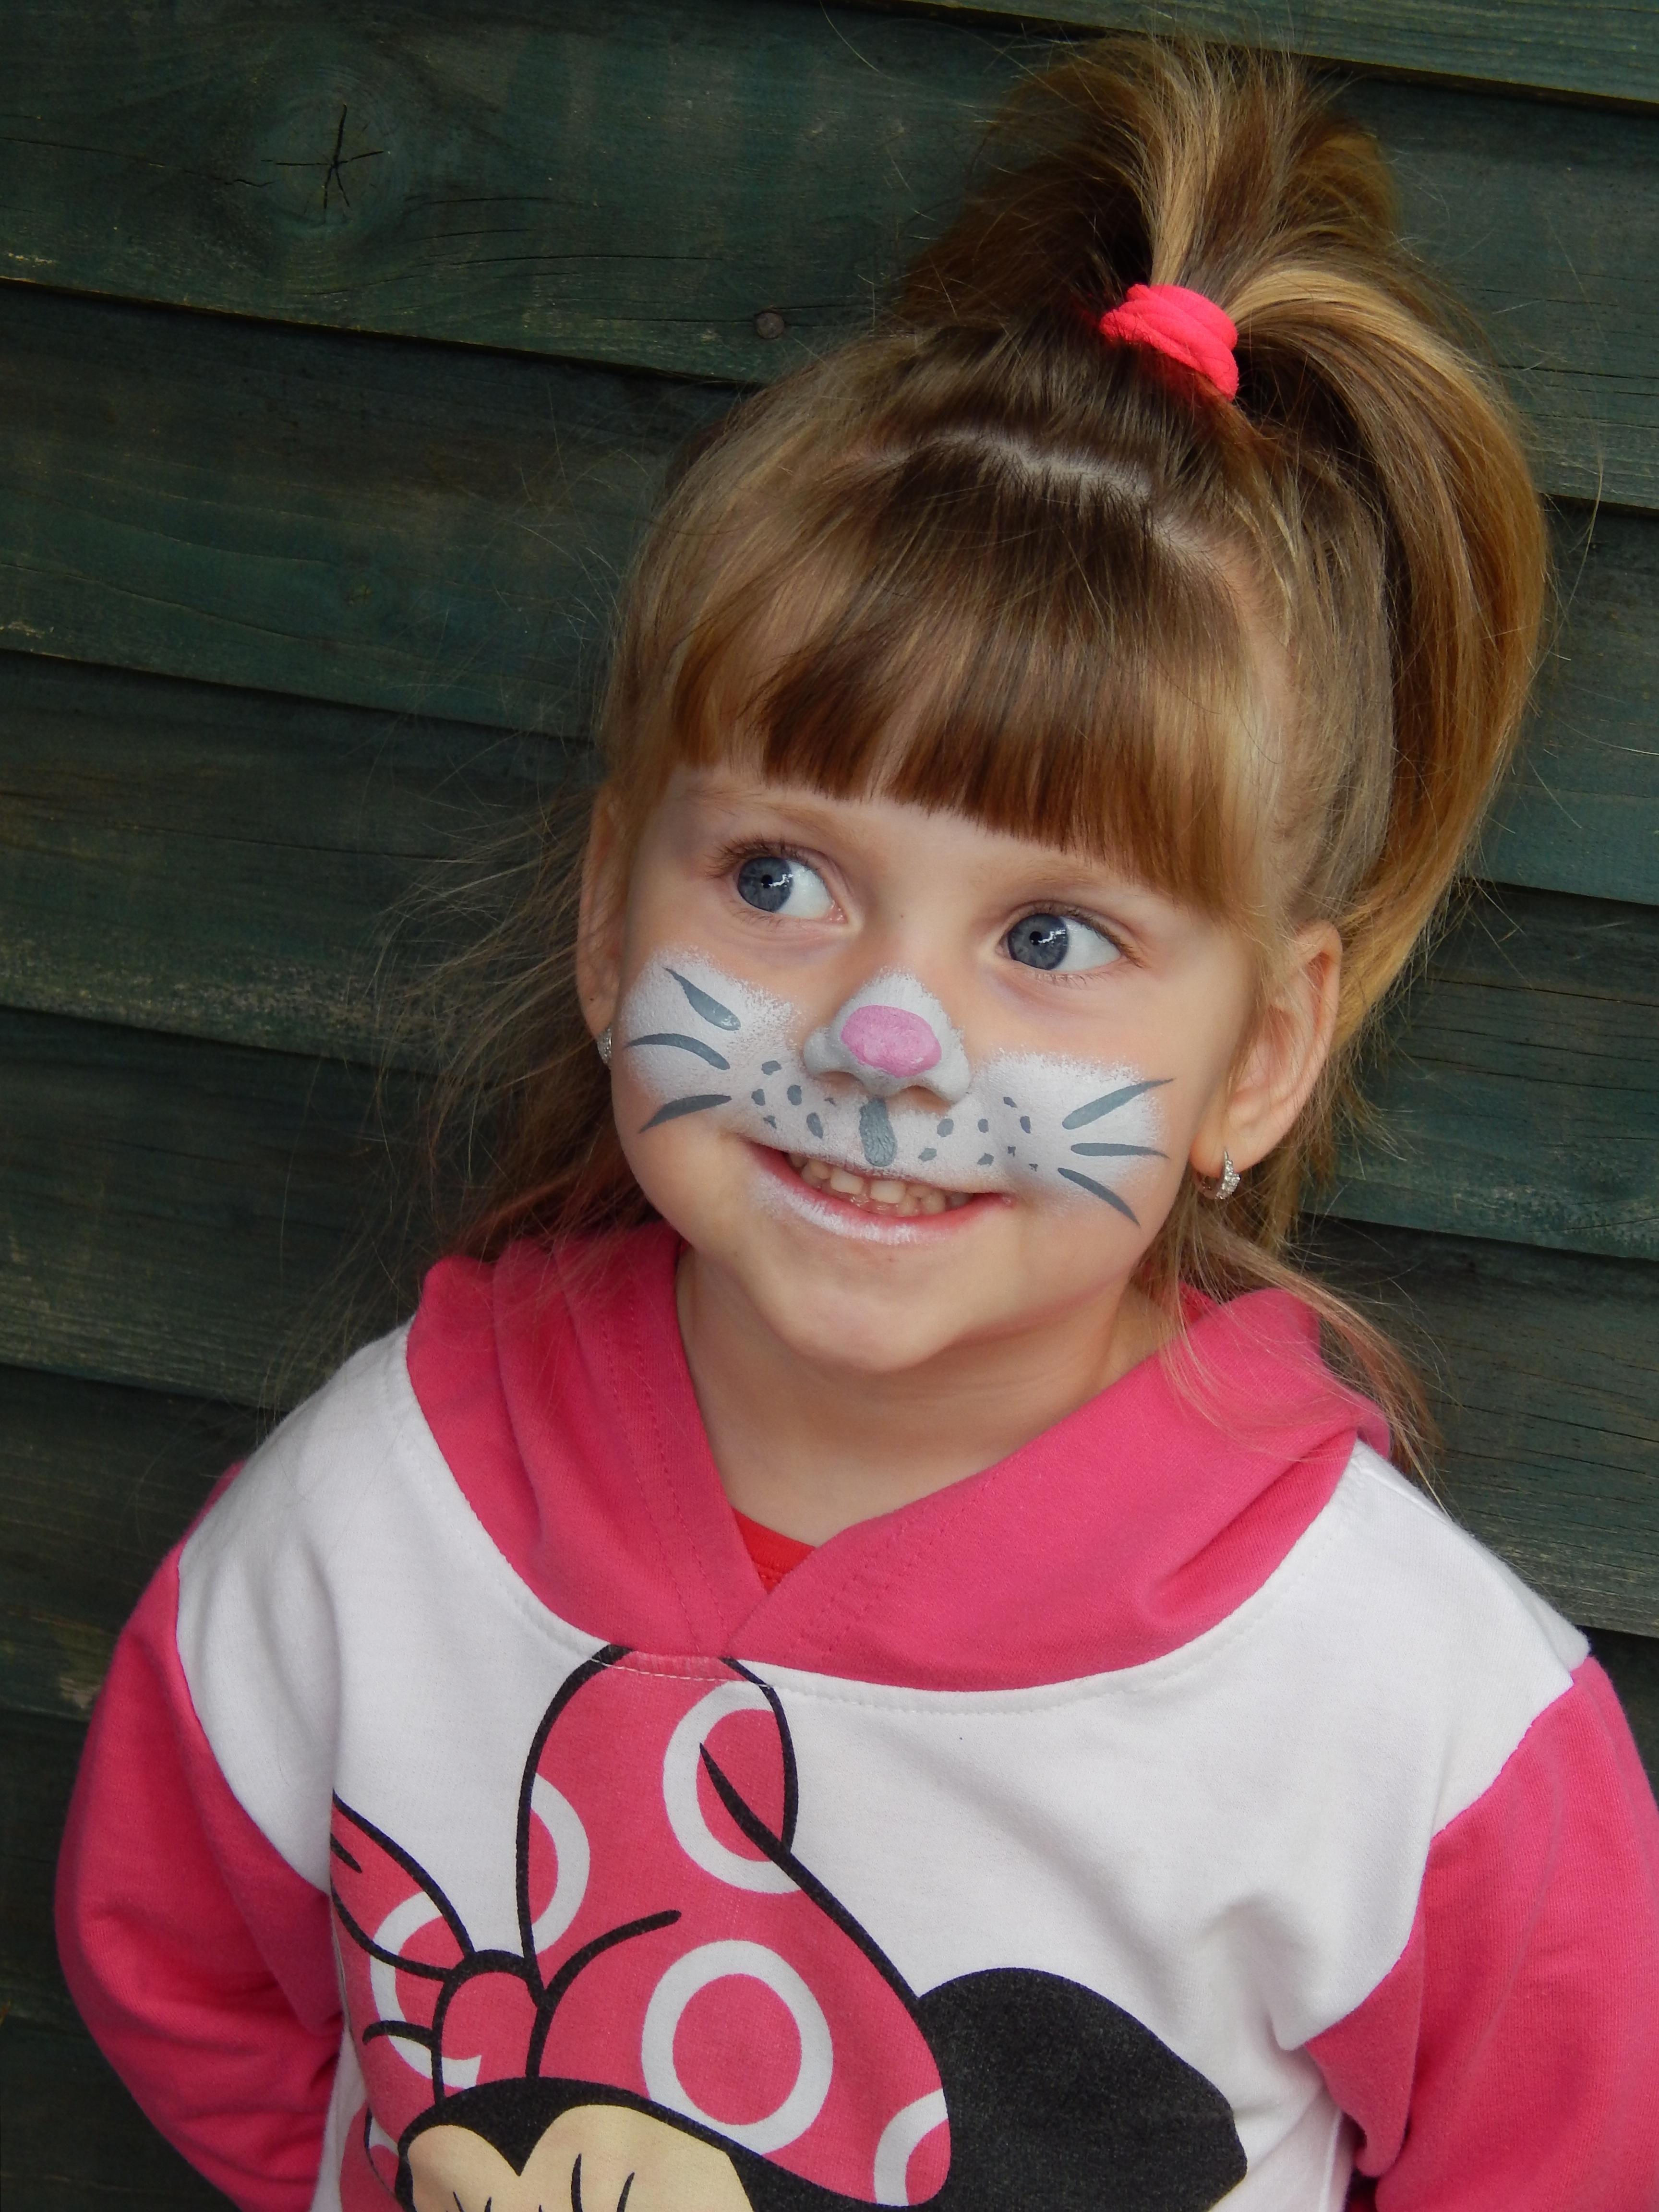 persona nia cabello retrato rojo gato nio ropa rosado expresin facial peinado sonrer cara divertido infantil